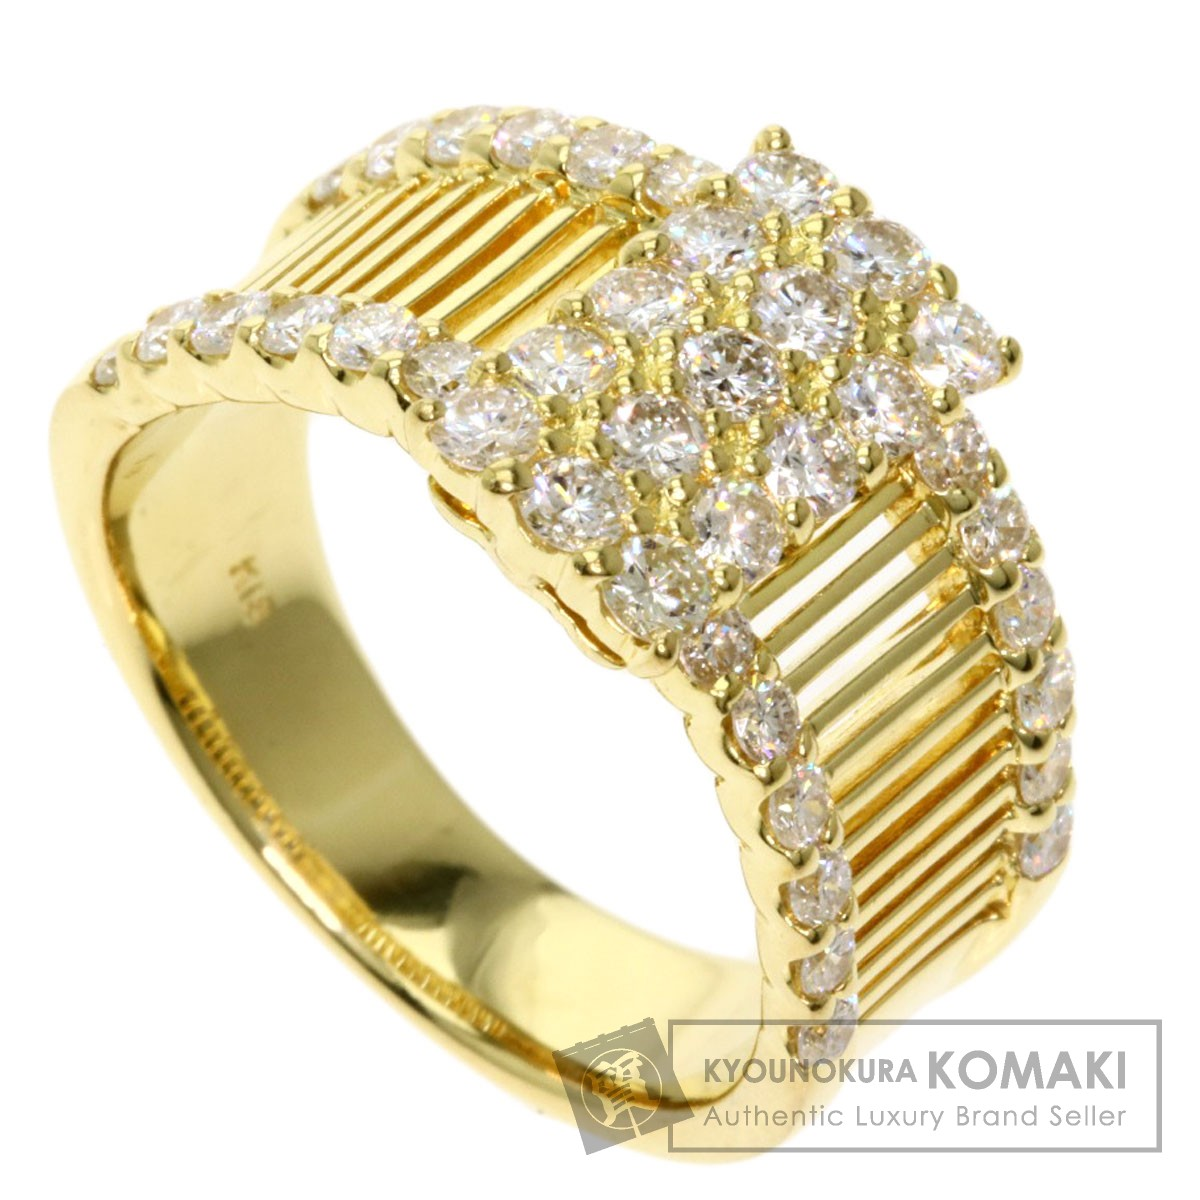 1ct ダイヤモンド リング・指輪 K18イエローゴールド 7.9g レディース 【中古】